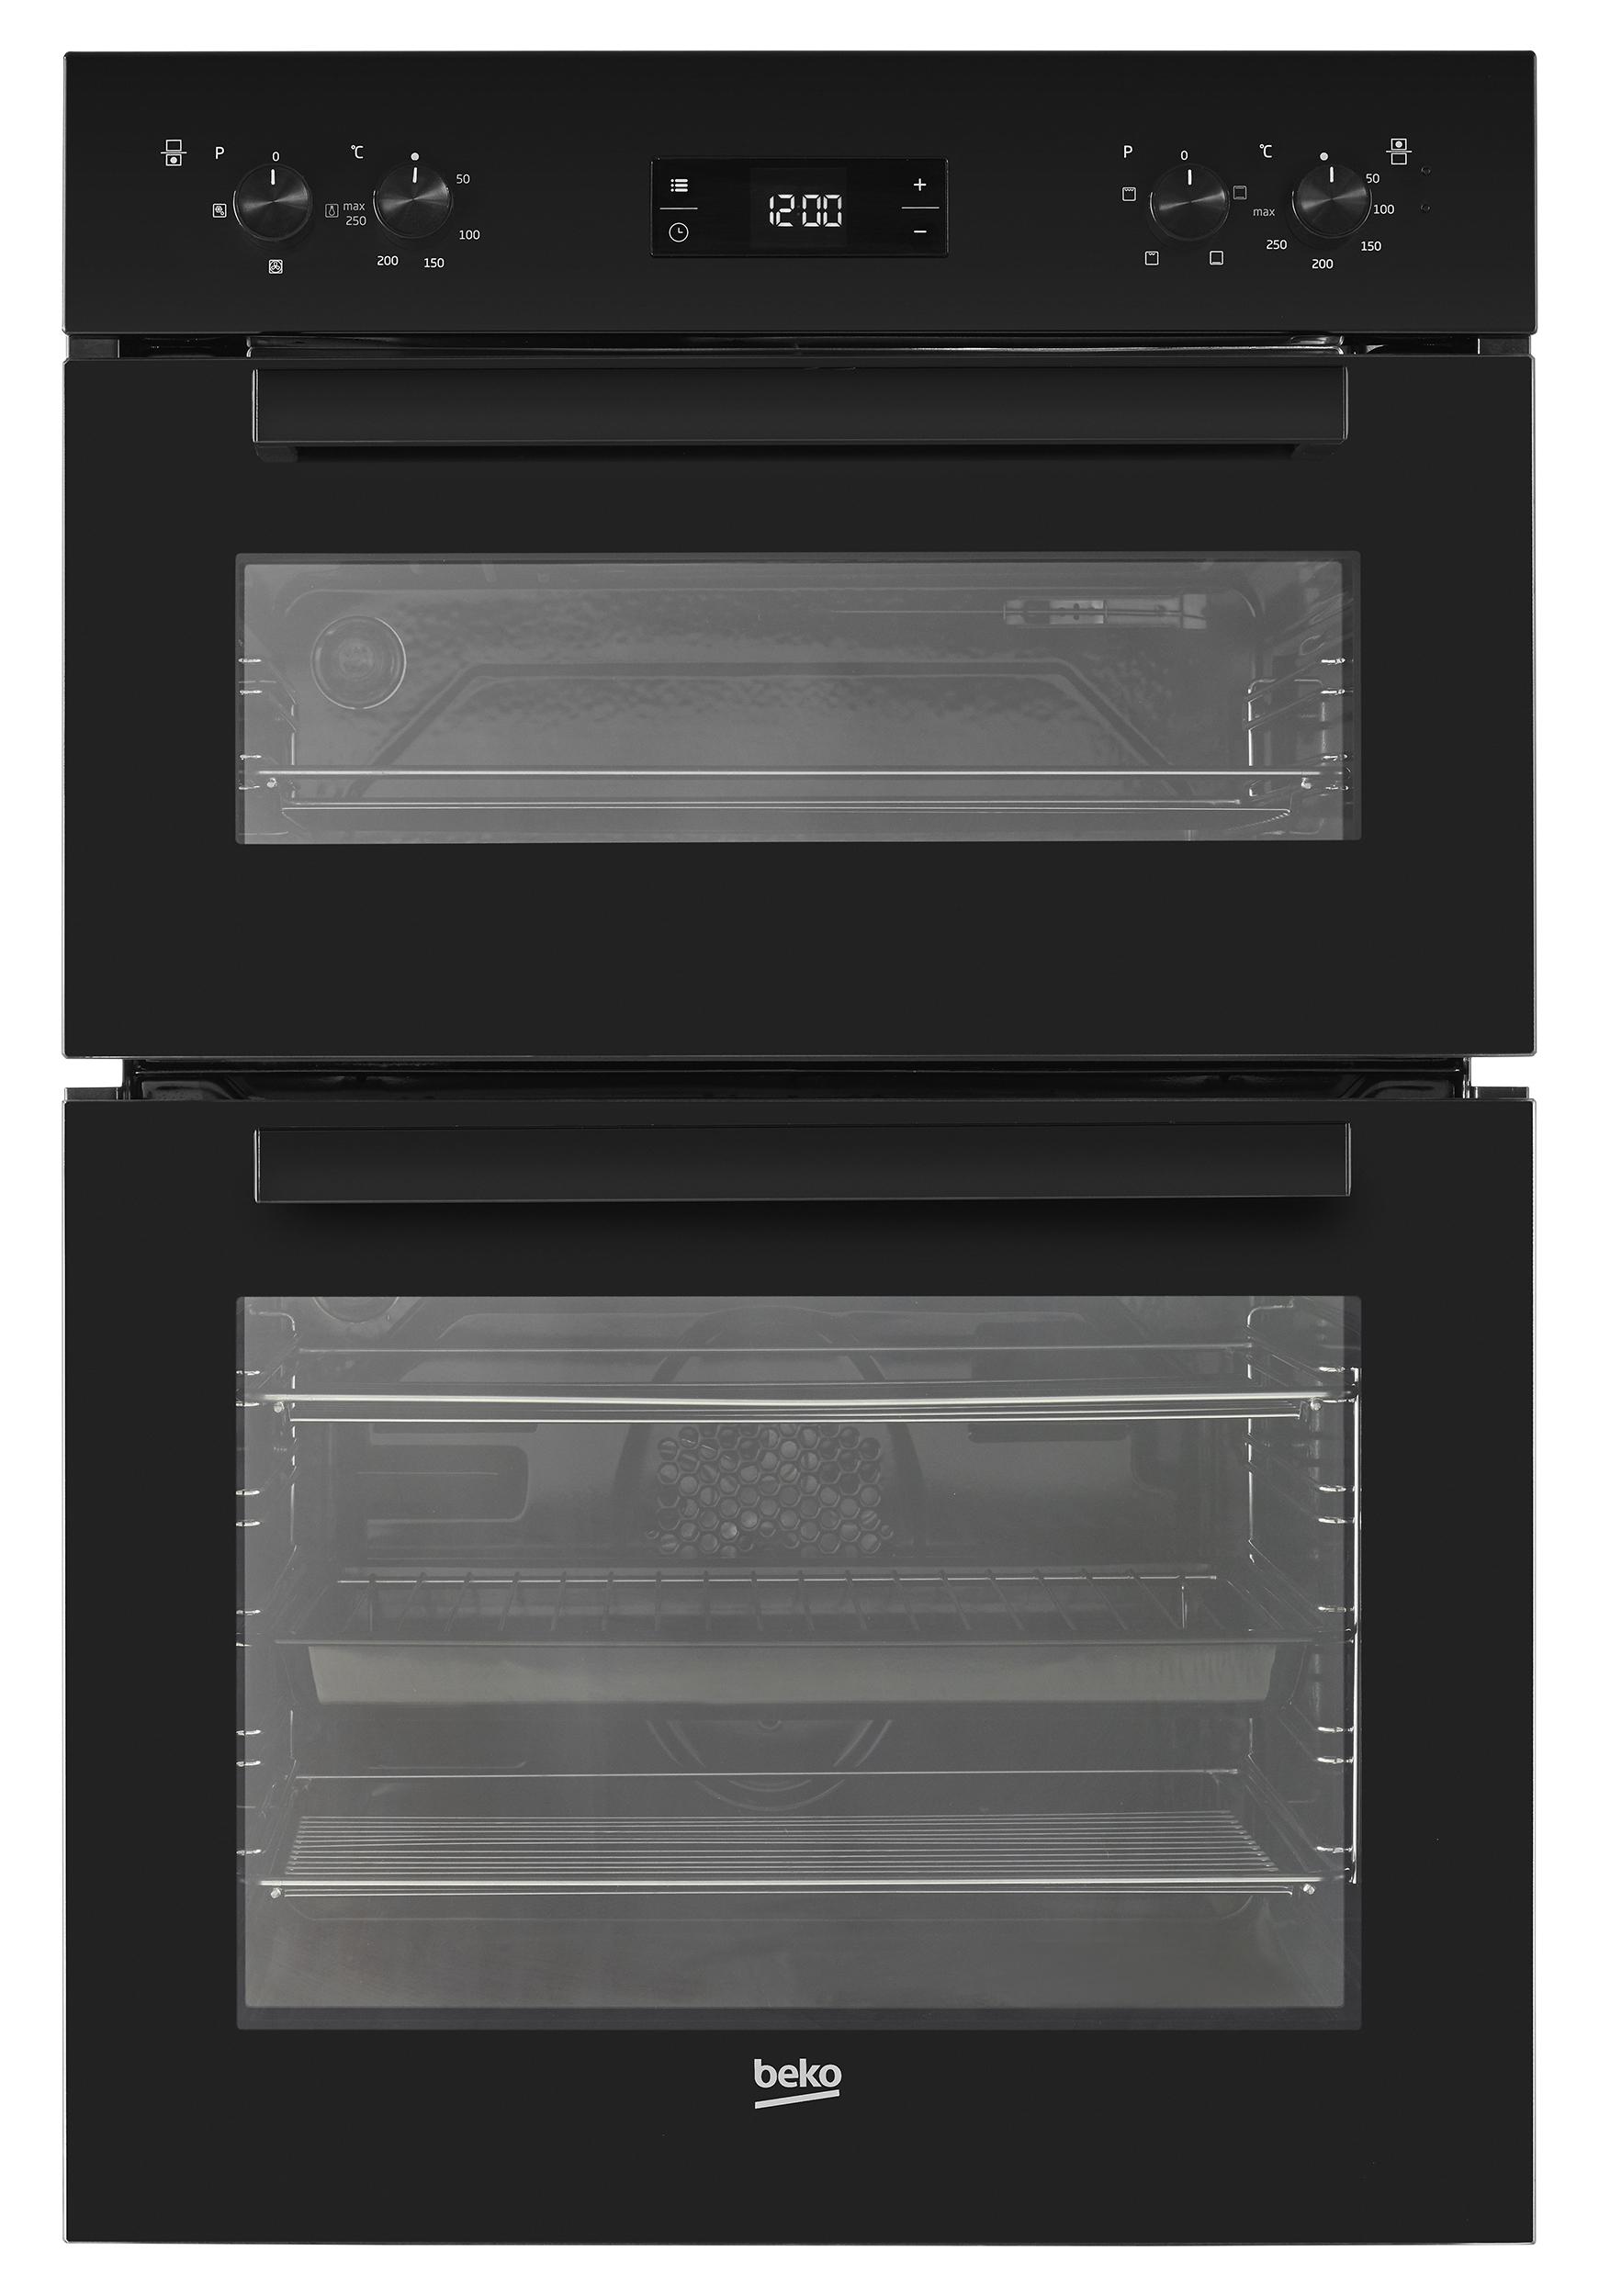 beko bdf22300b black eye level built in double oven jack. Black Bedroom Furniture Sets. Home Design Ideas